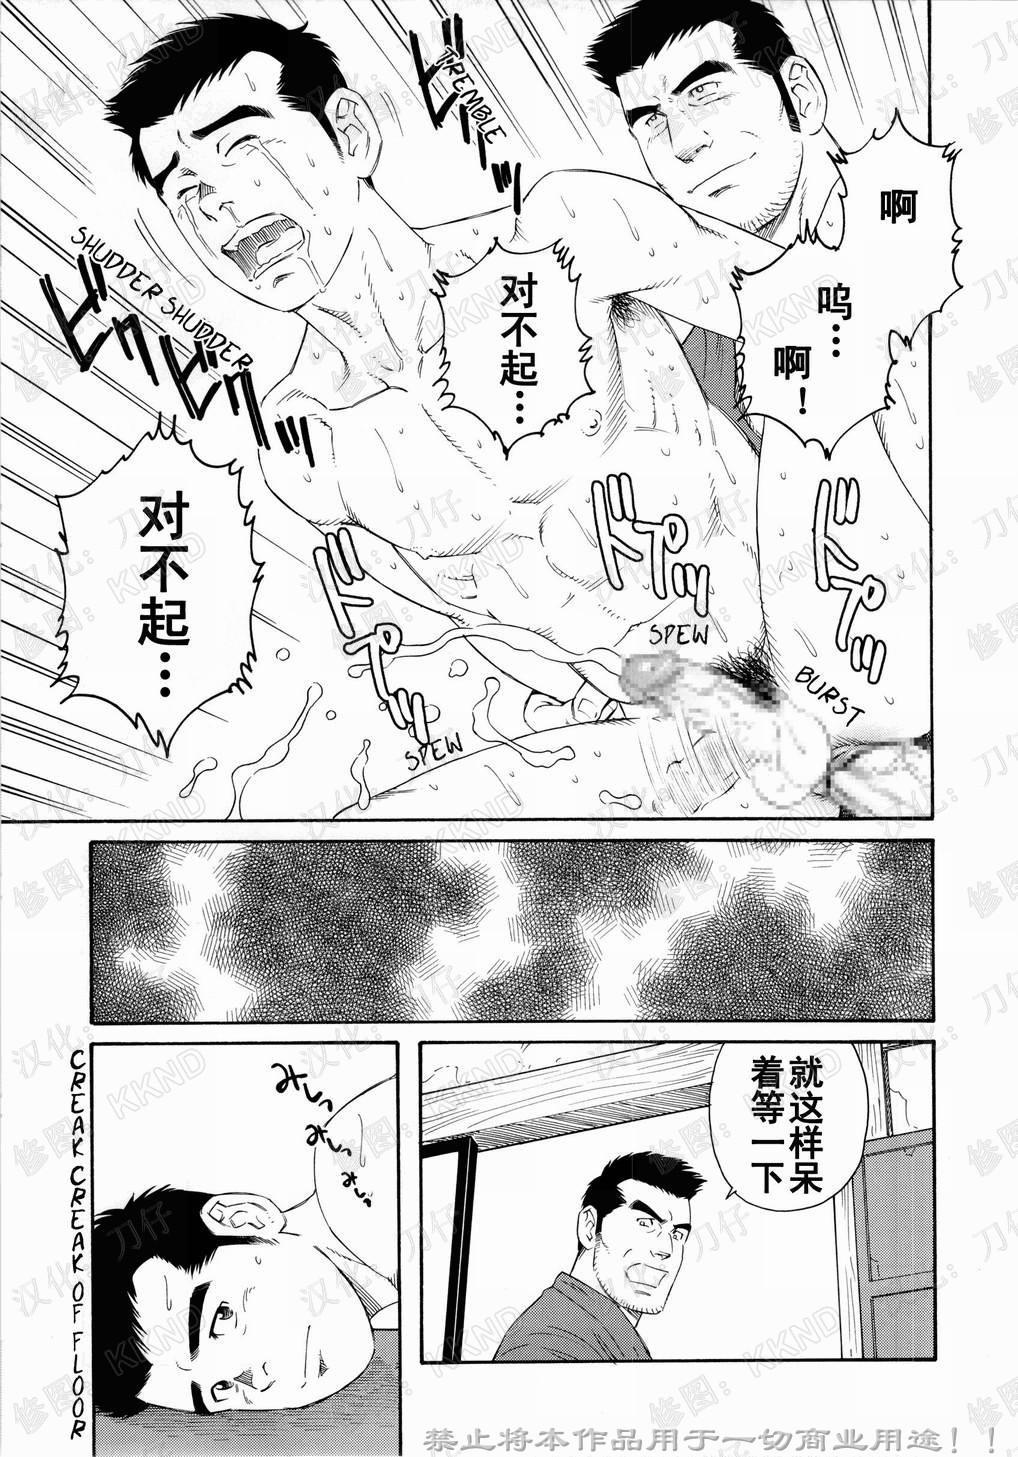 Nagamochi no Naka 58